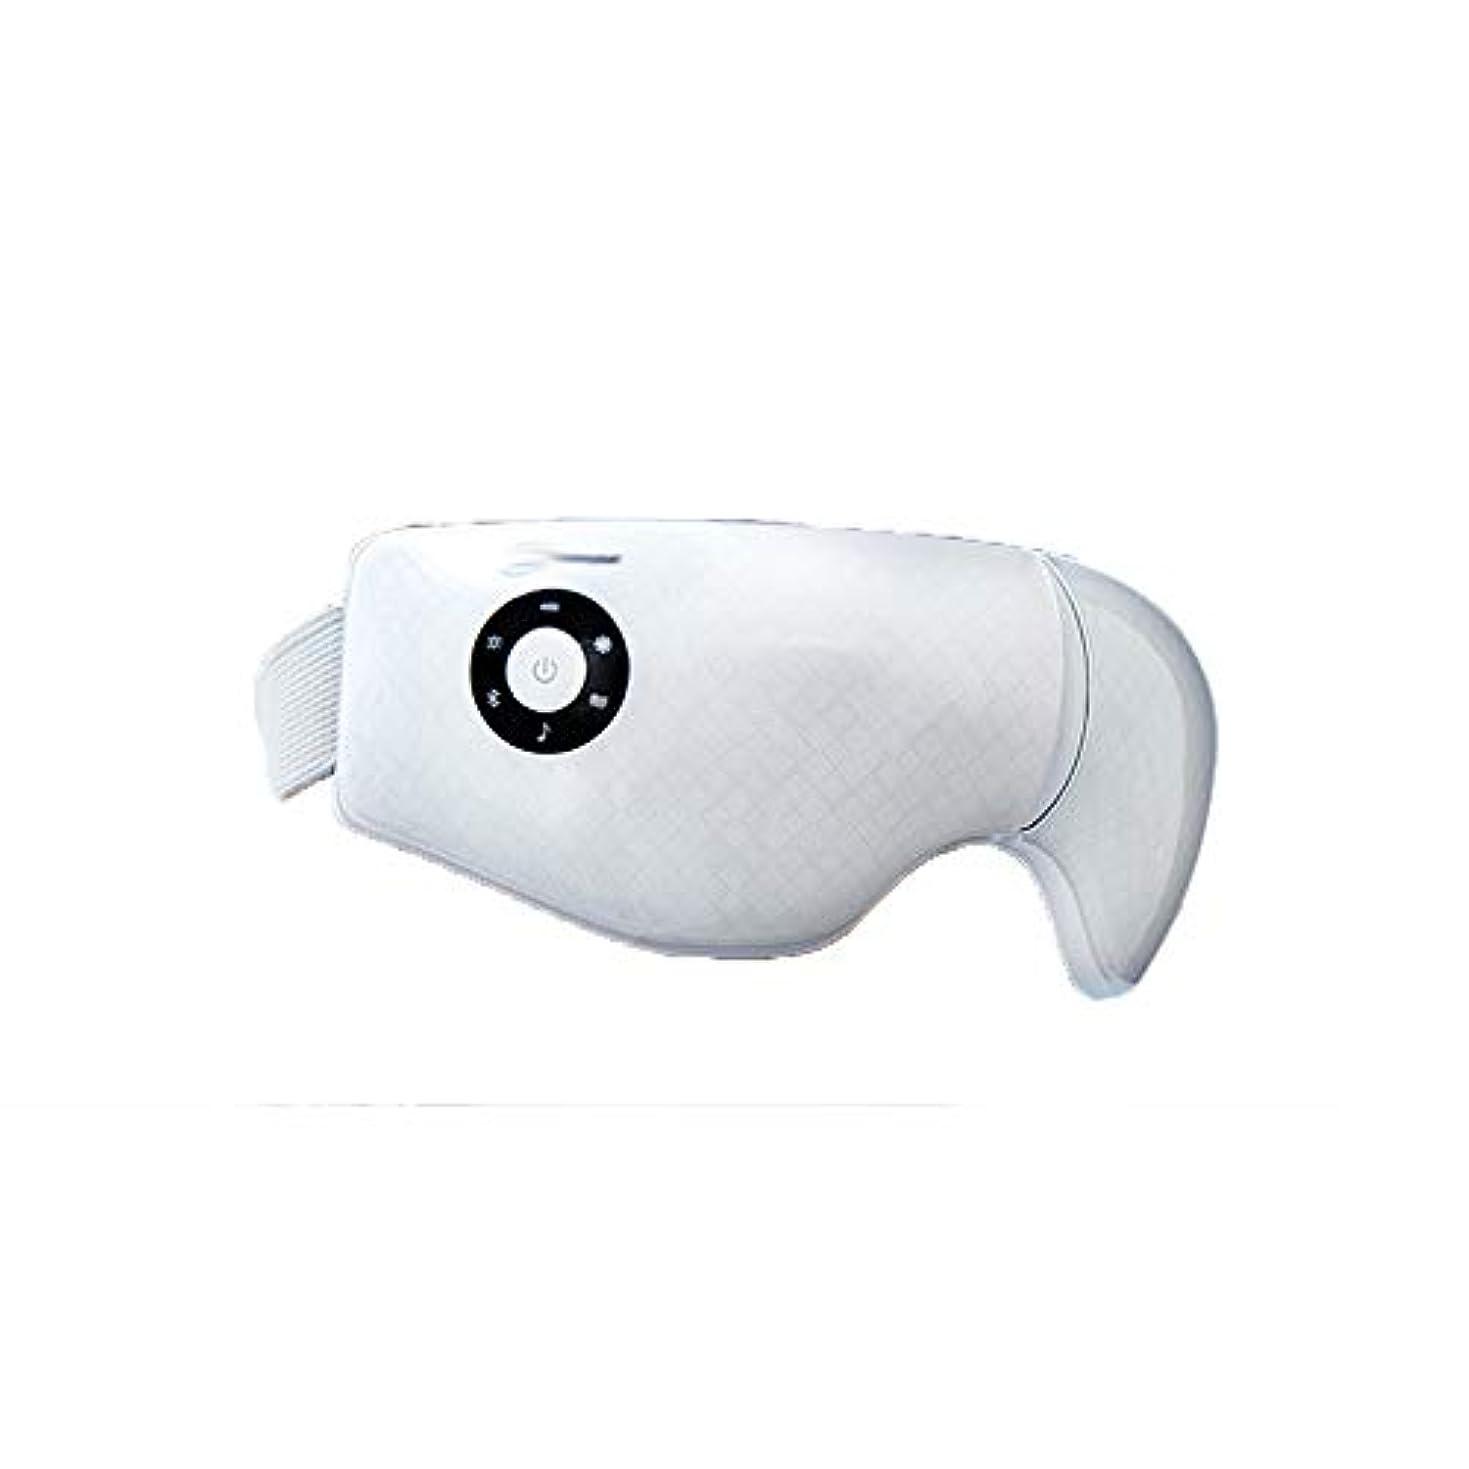 せがむスリッパマナーマッサージャー - マッサージャーは、黒丸を回復するために近視をホット圧縮します (Color : White)